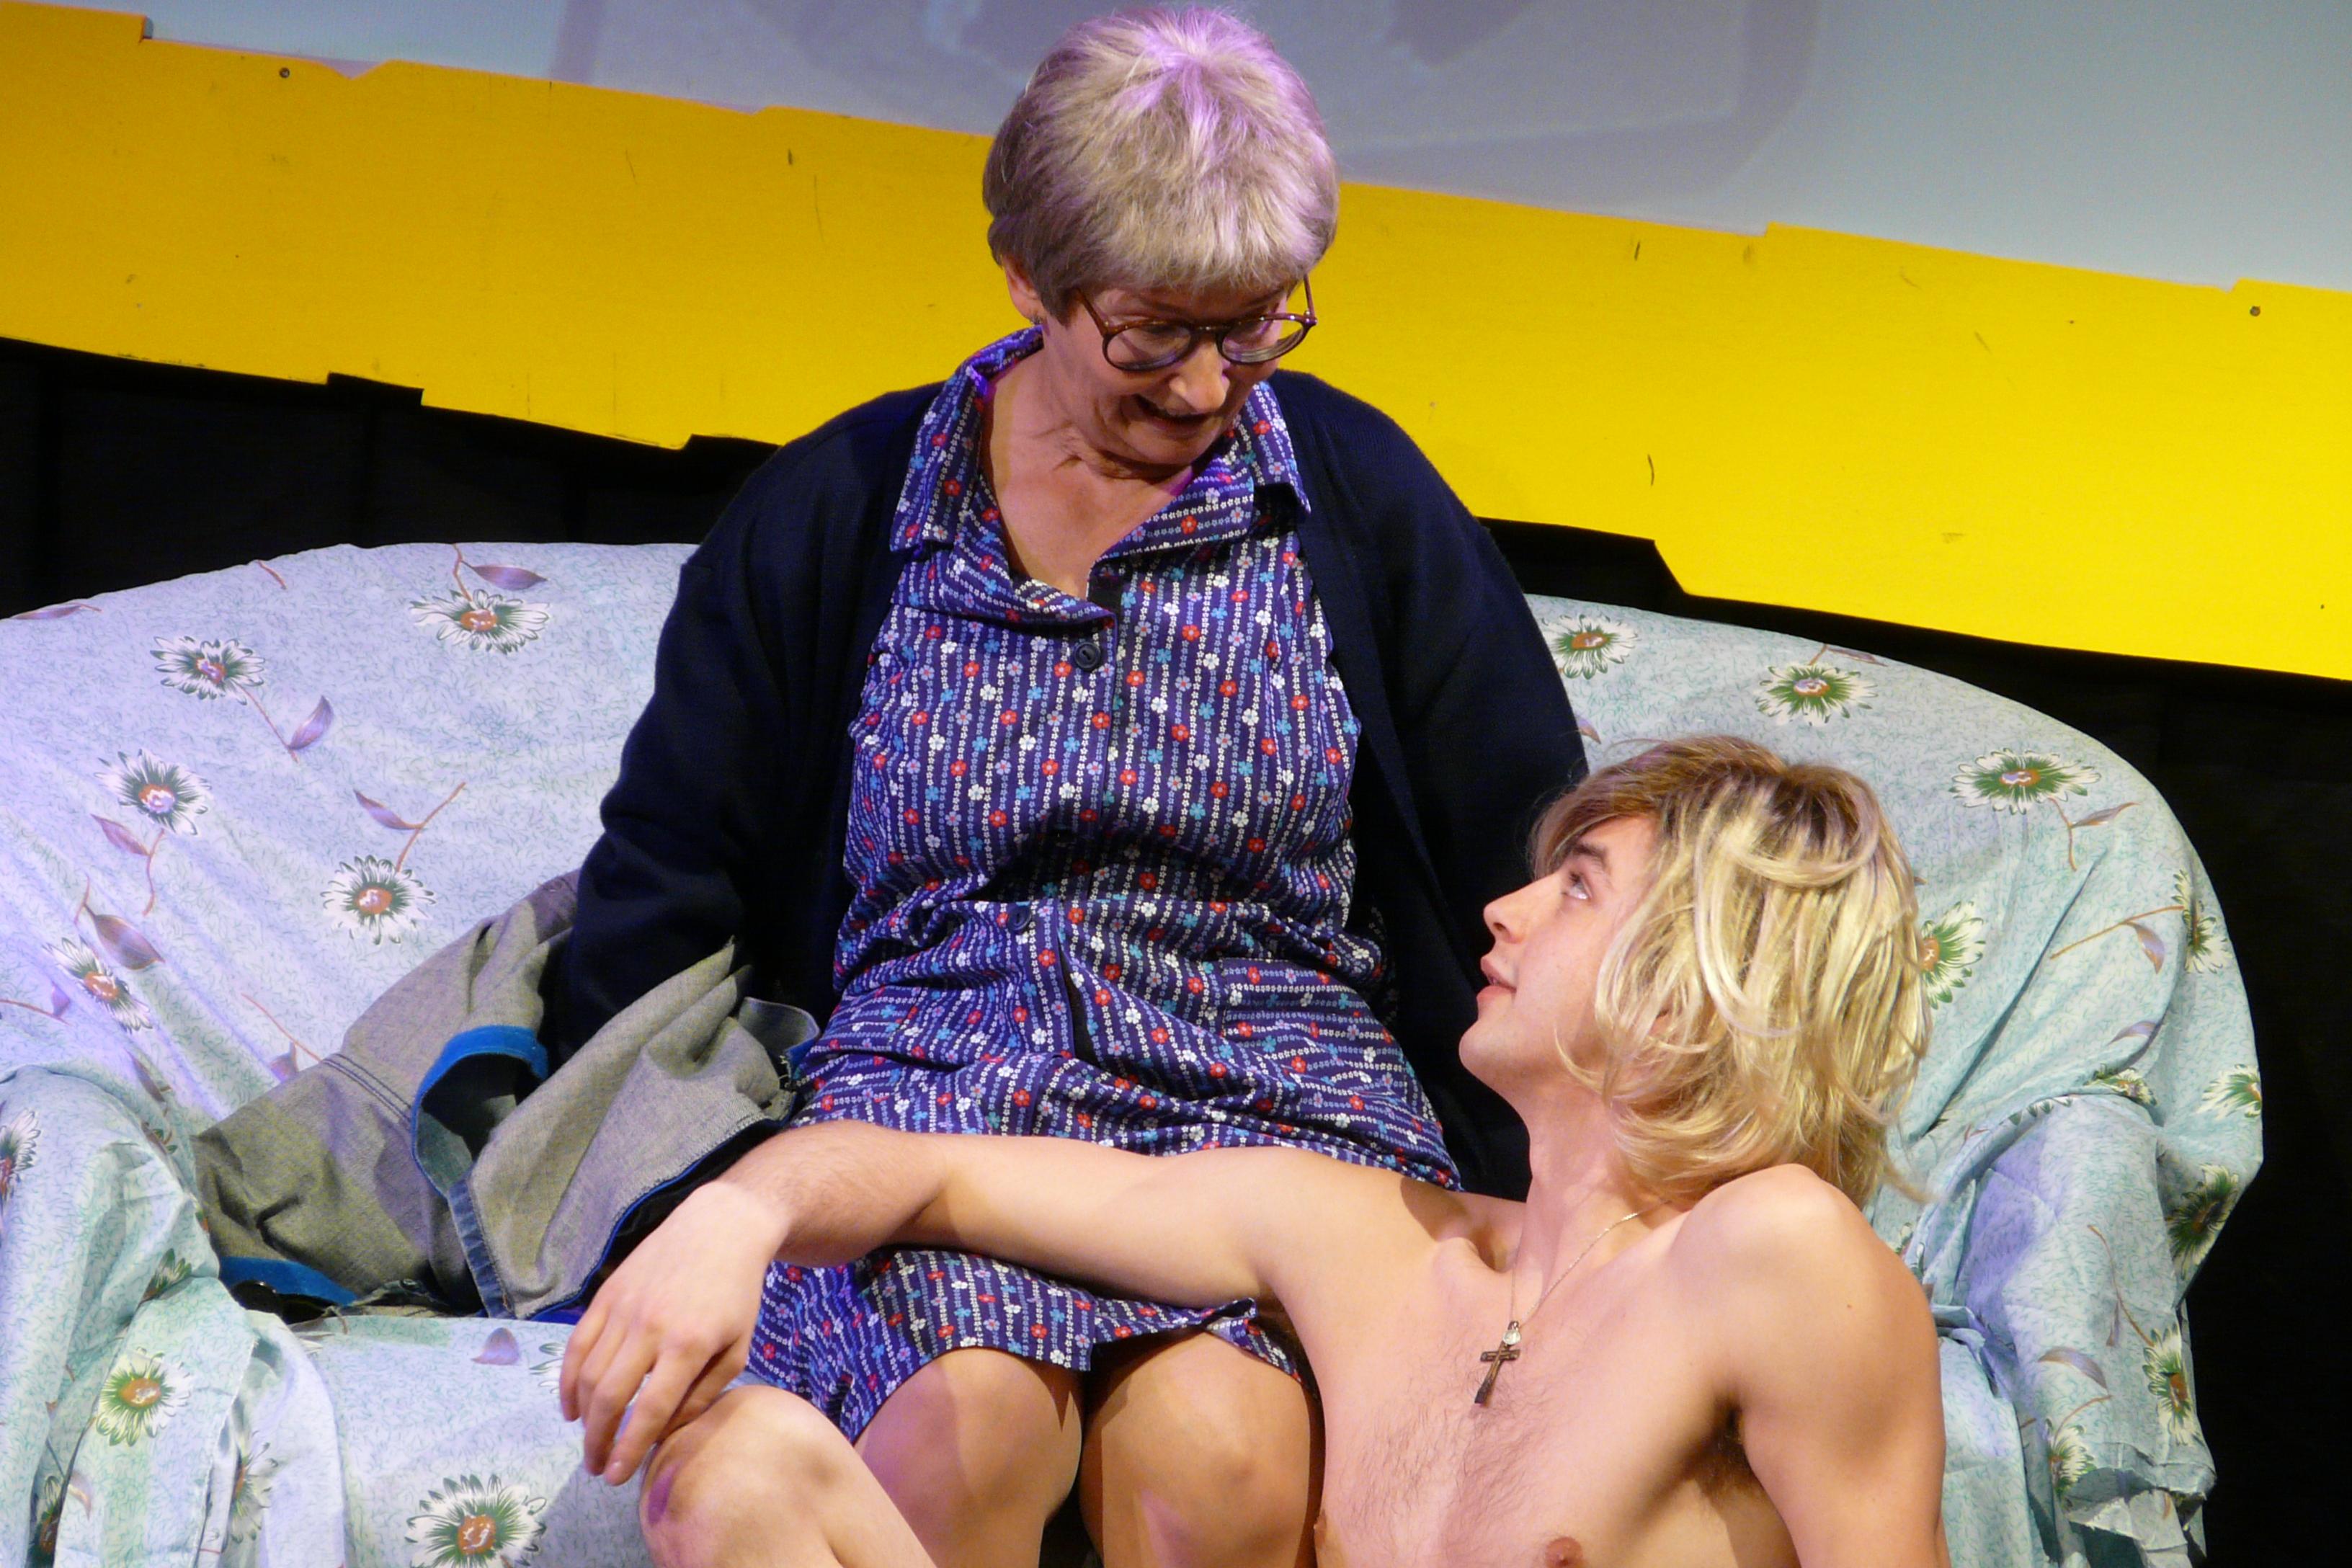 Frau Blaha bekommt zu Weihnachten einen Nacktputzboy